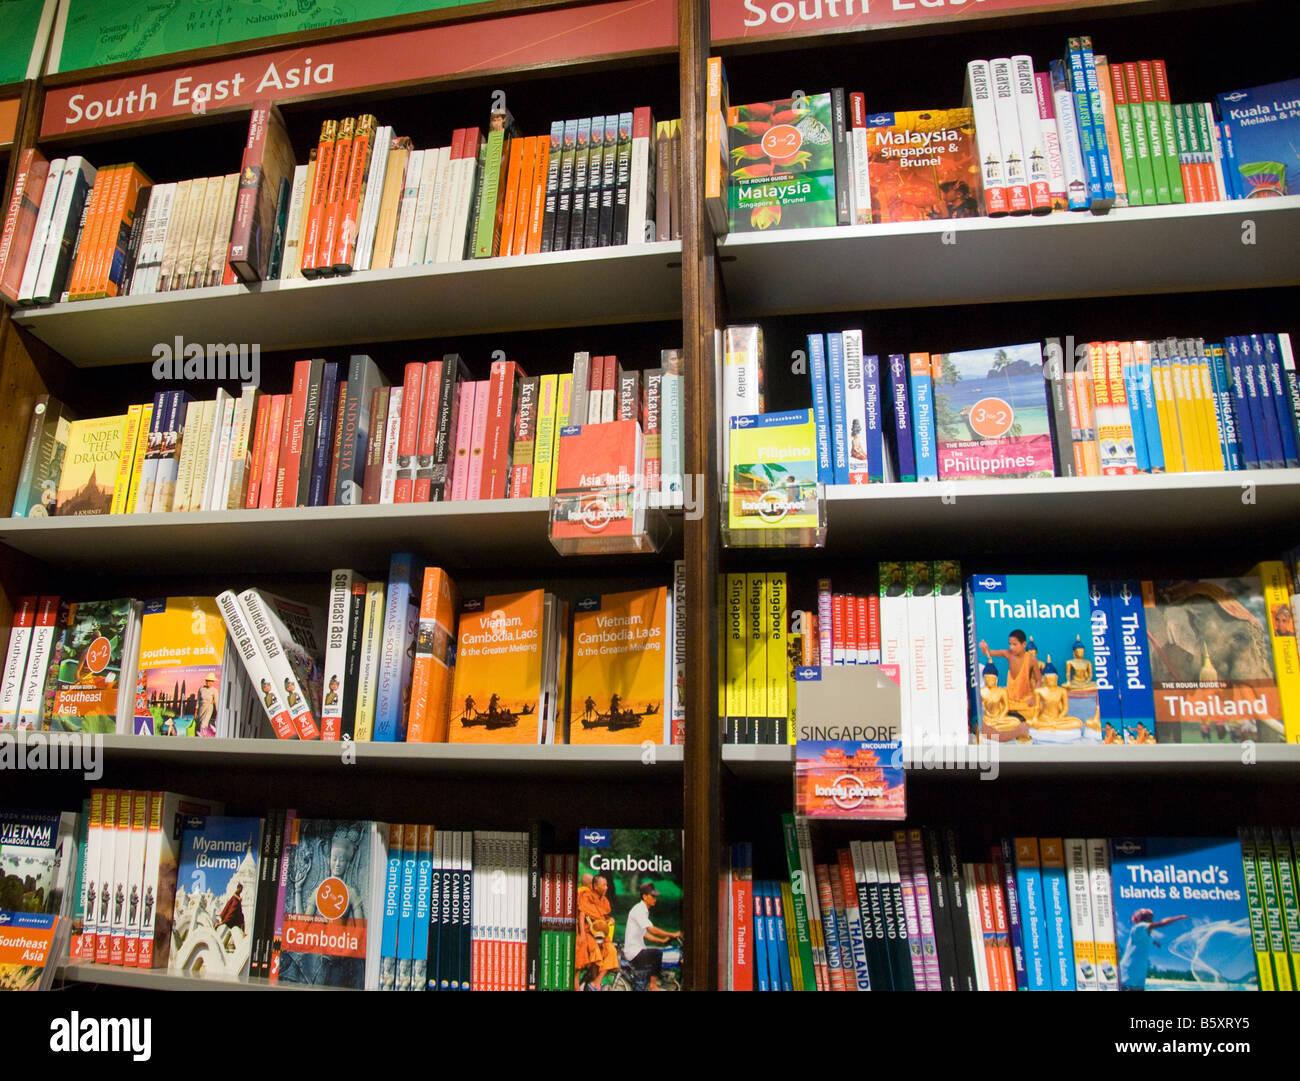 Guide di viaggio nel sud-est asiatico per la vendita in un bookshop in Gran Bretagna Immagini Stock